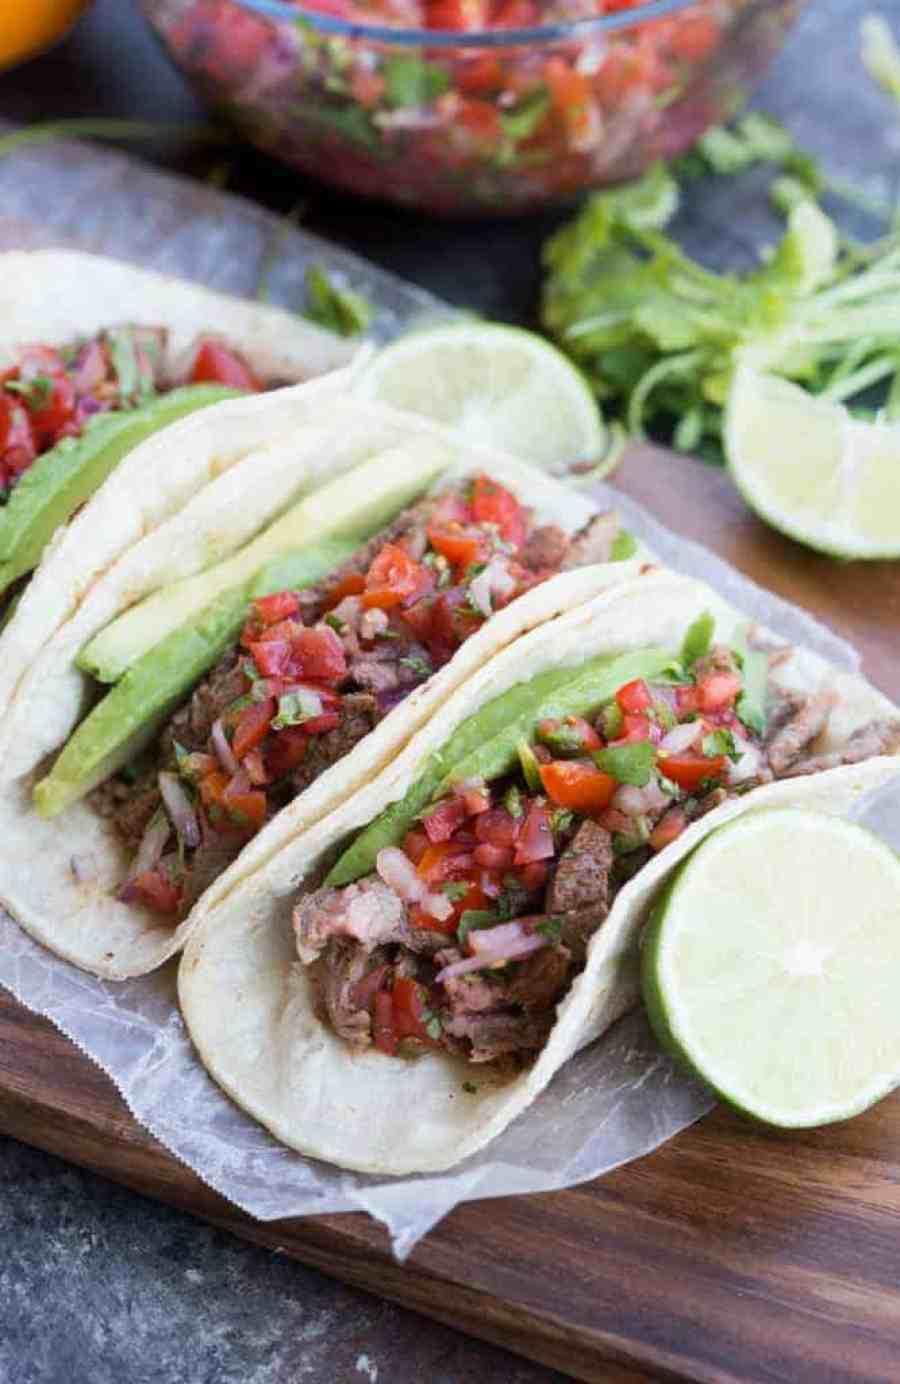 Amazing homemade carne asada tacos   tastesbetterfromscratch.com